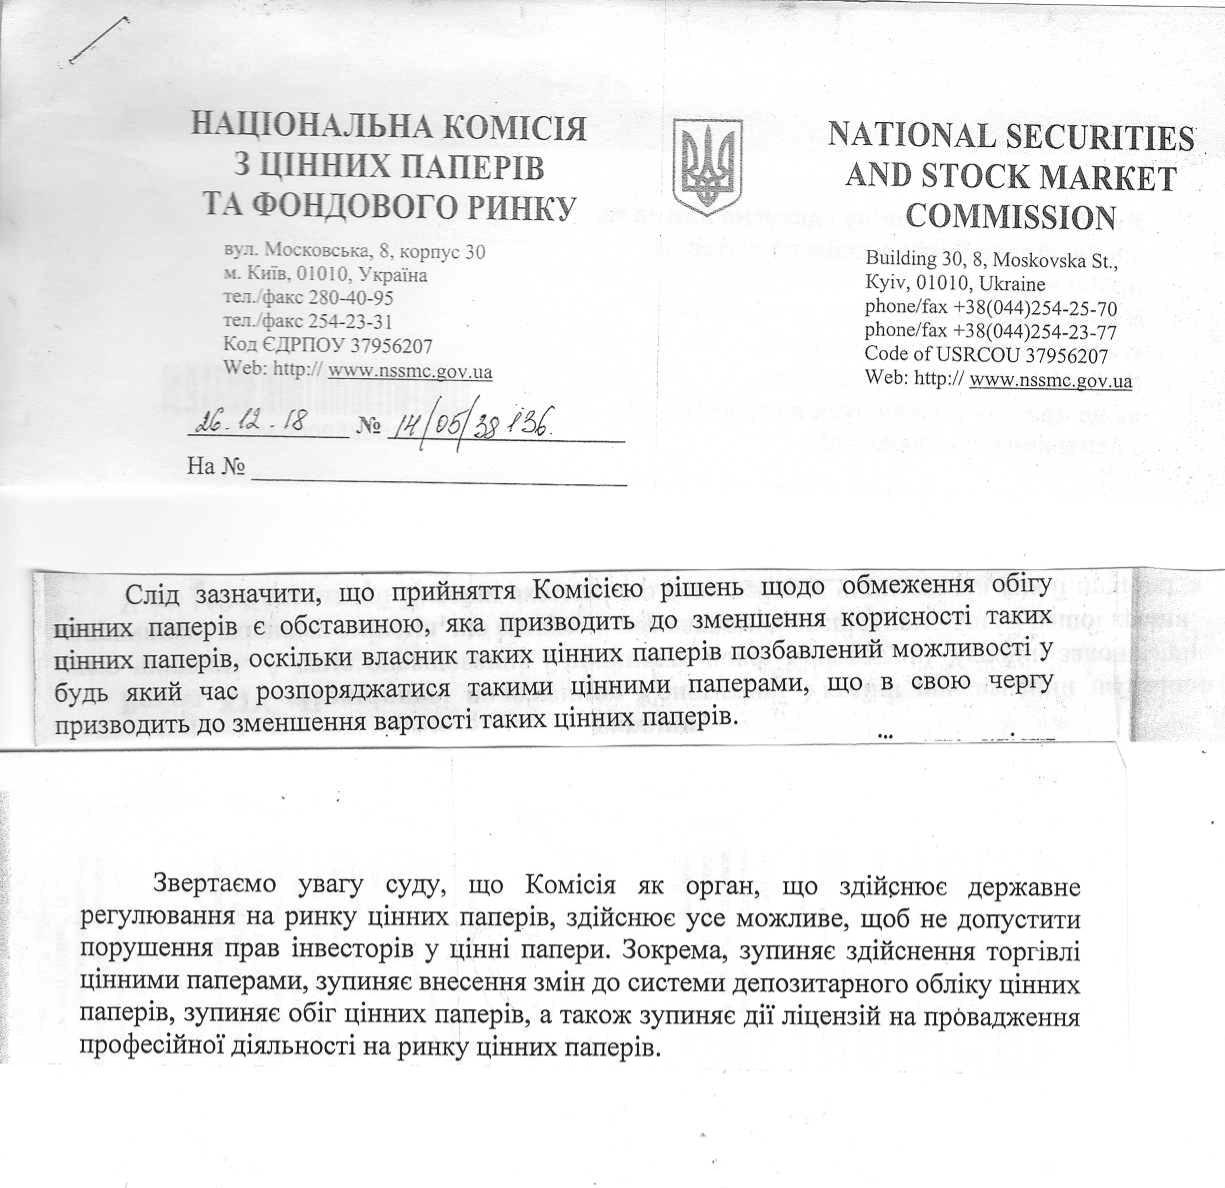 letter NSSMC